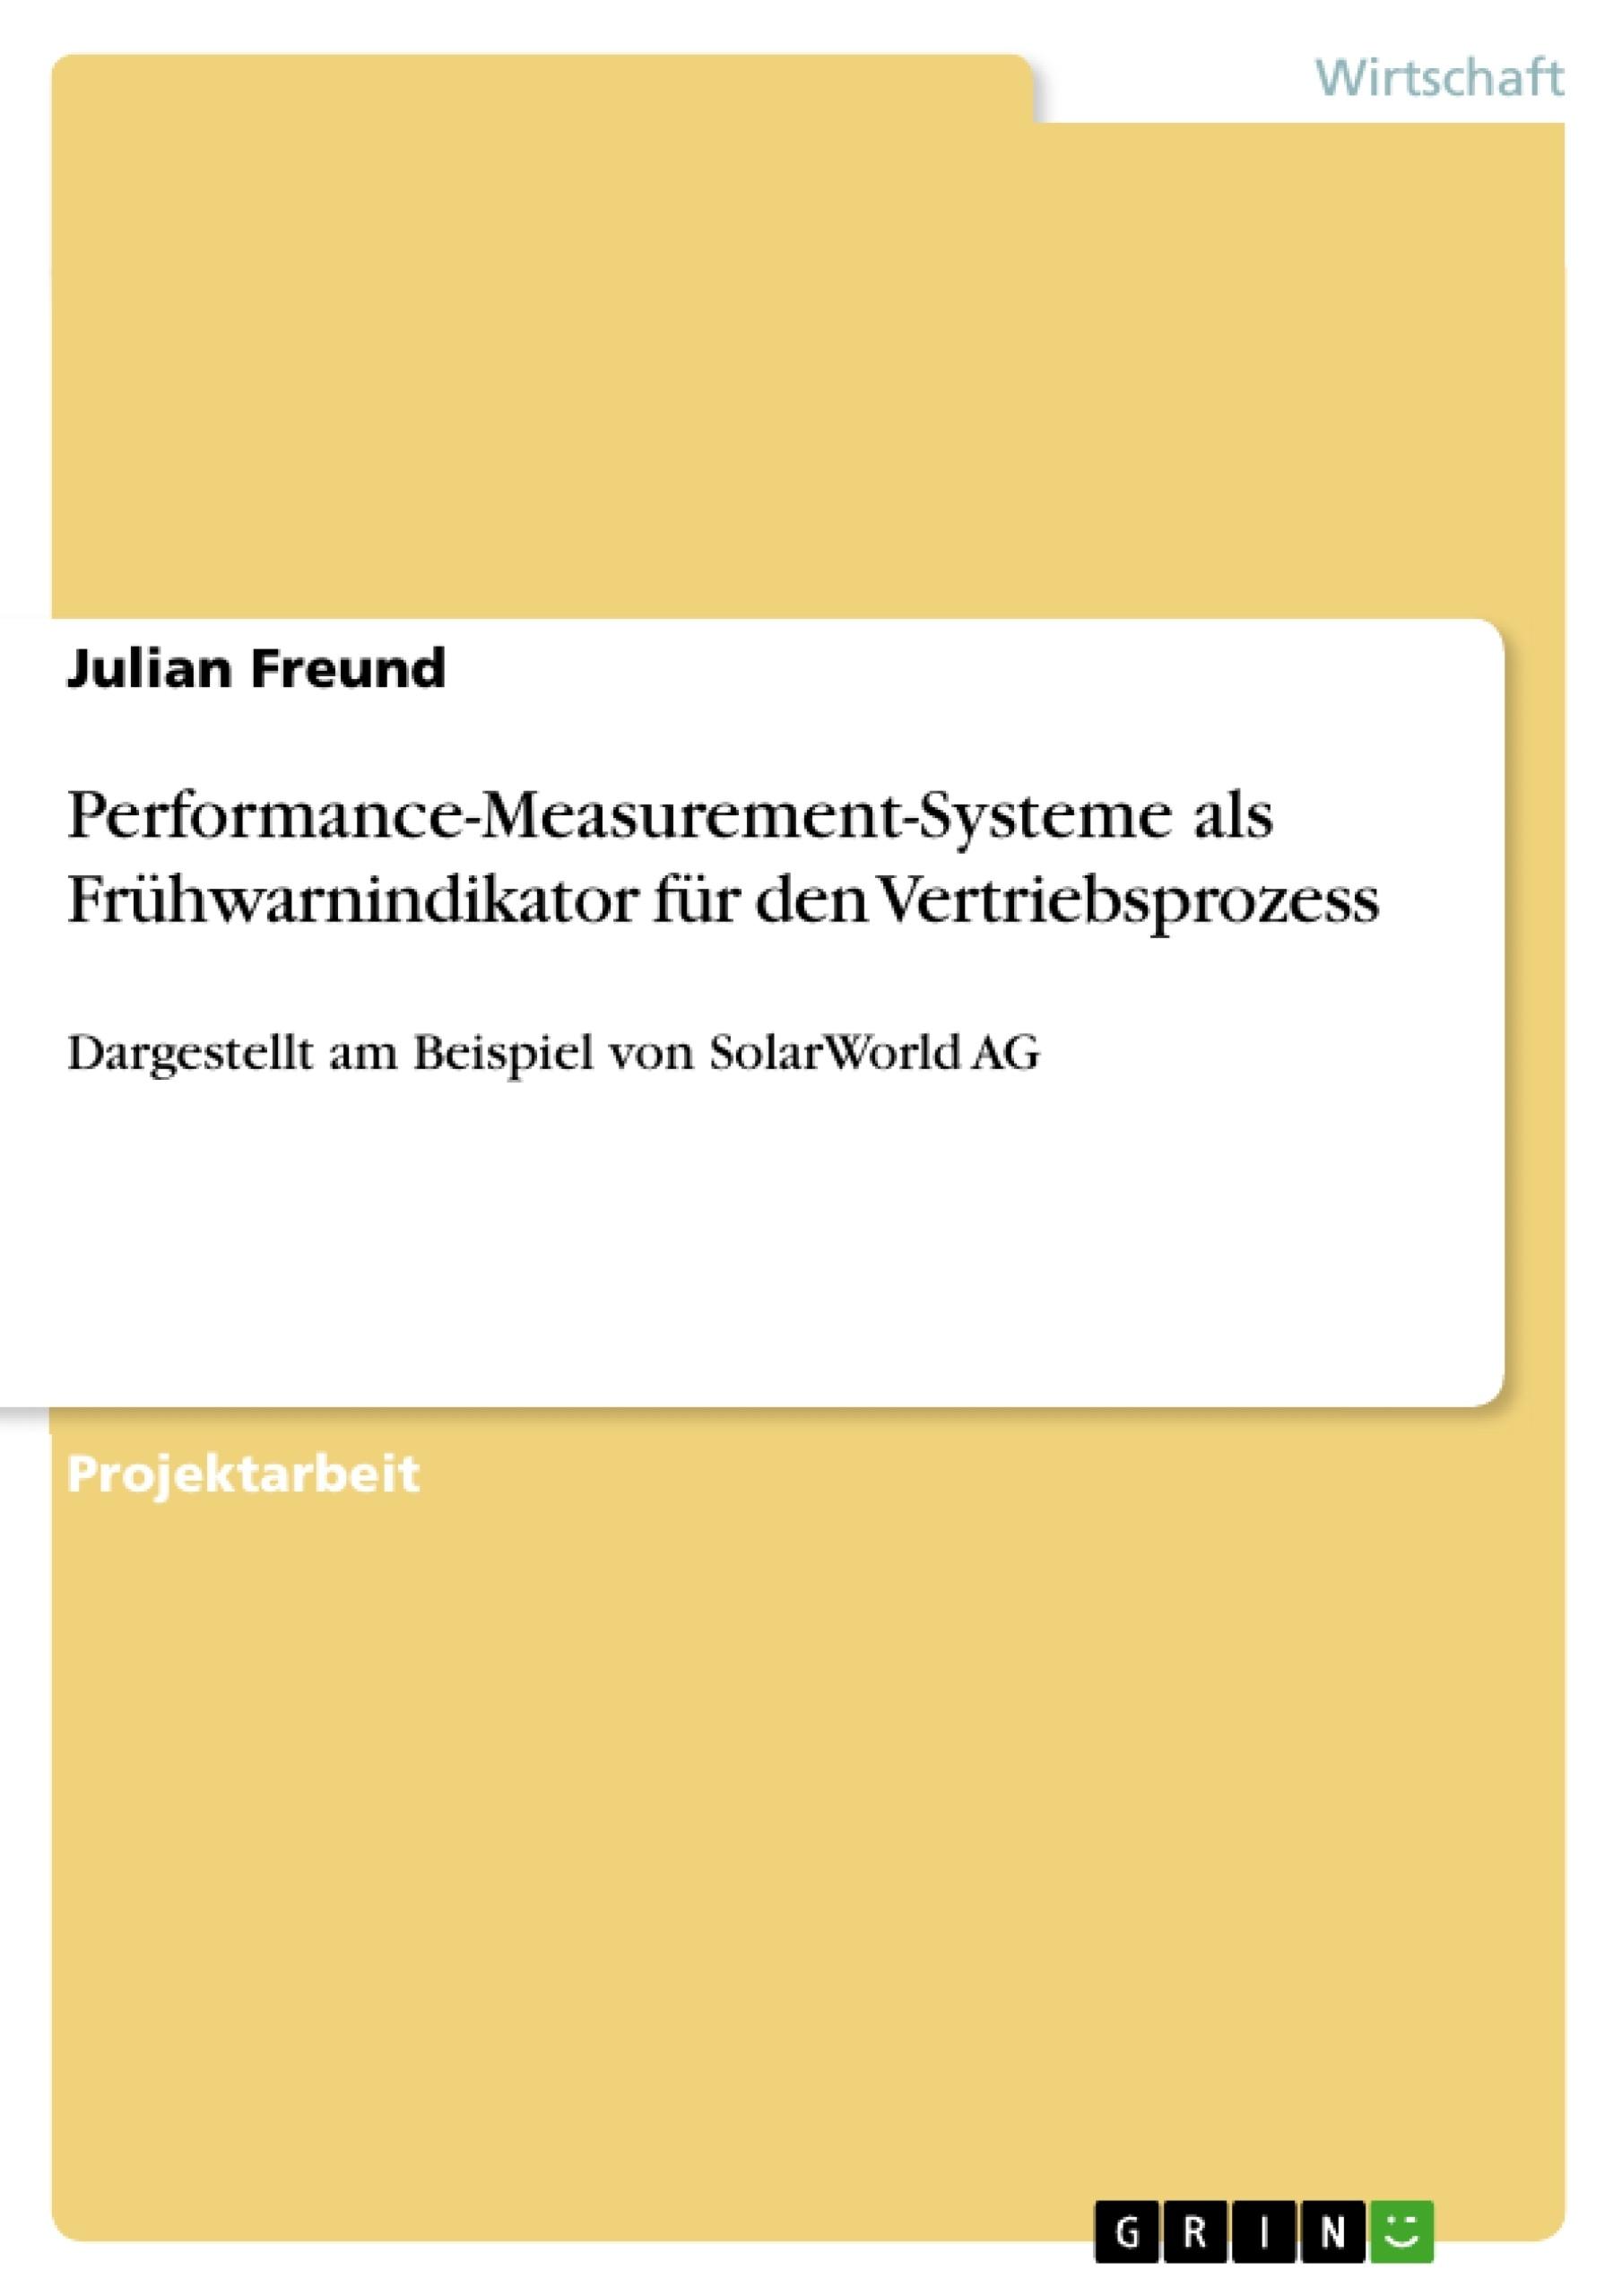 Titel: Performance-Measurement-Systeme als Frühwarnindikator für den Vertriebsprozess